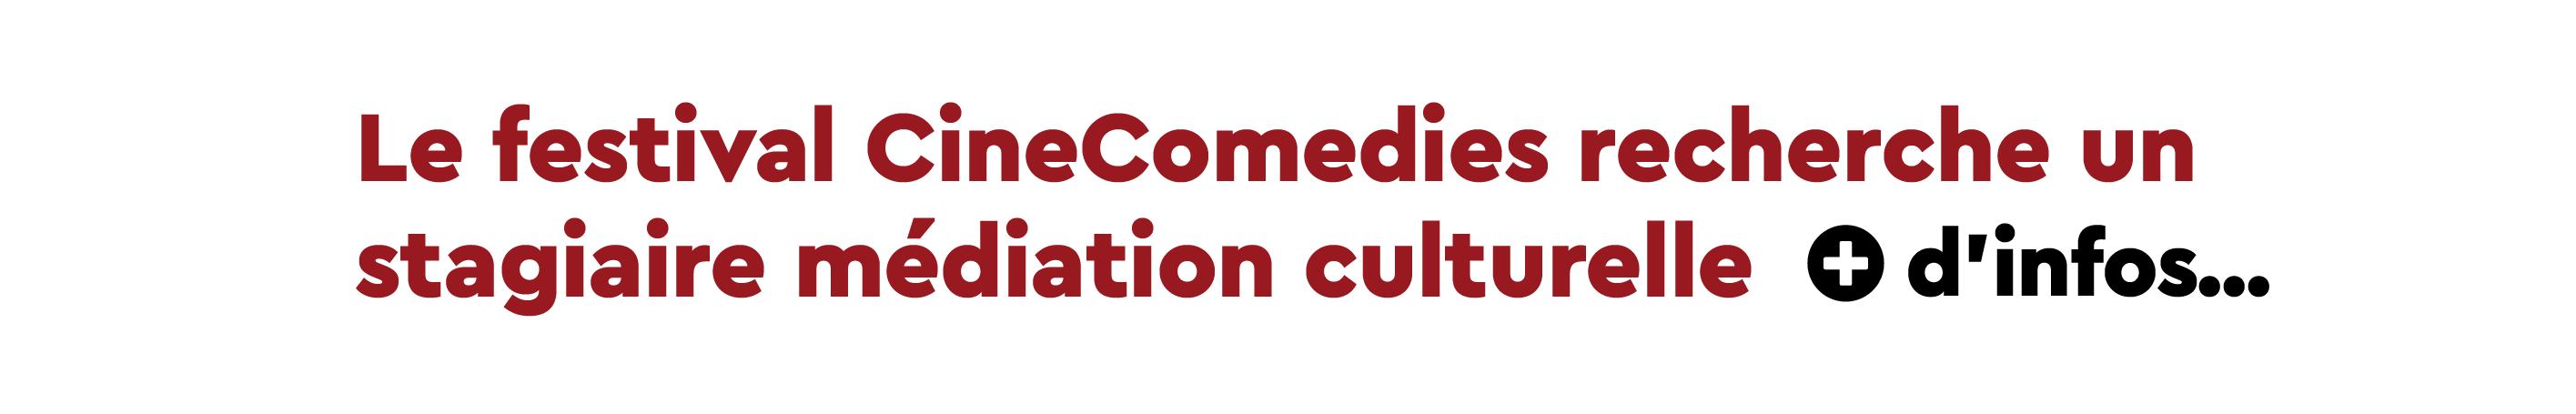 Offre stage médiation culturelle